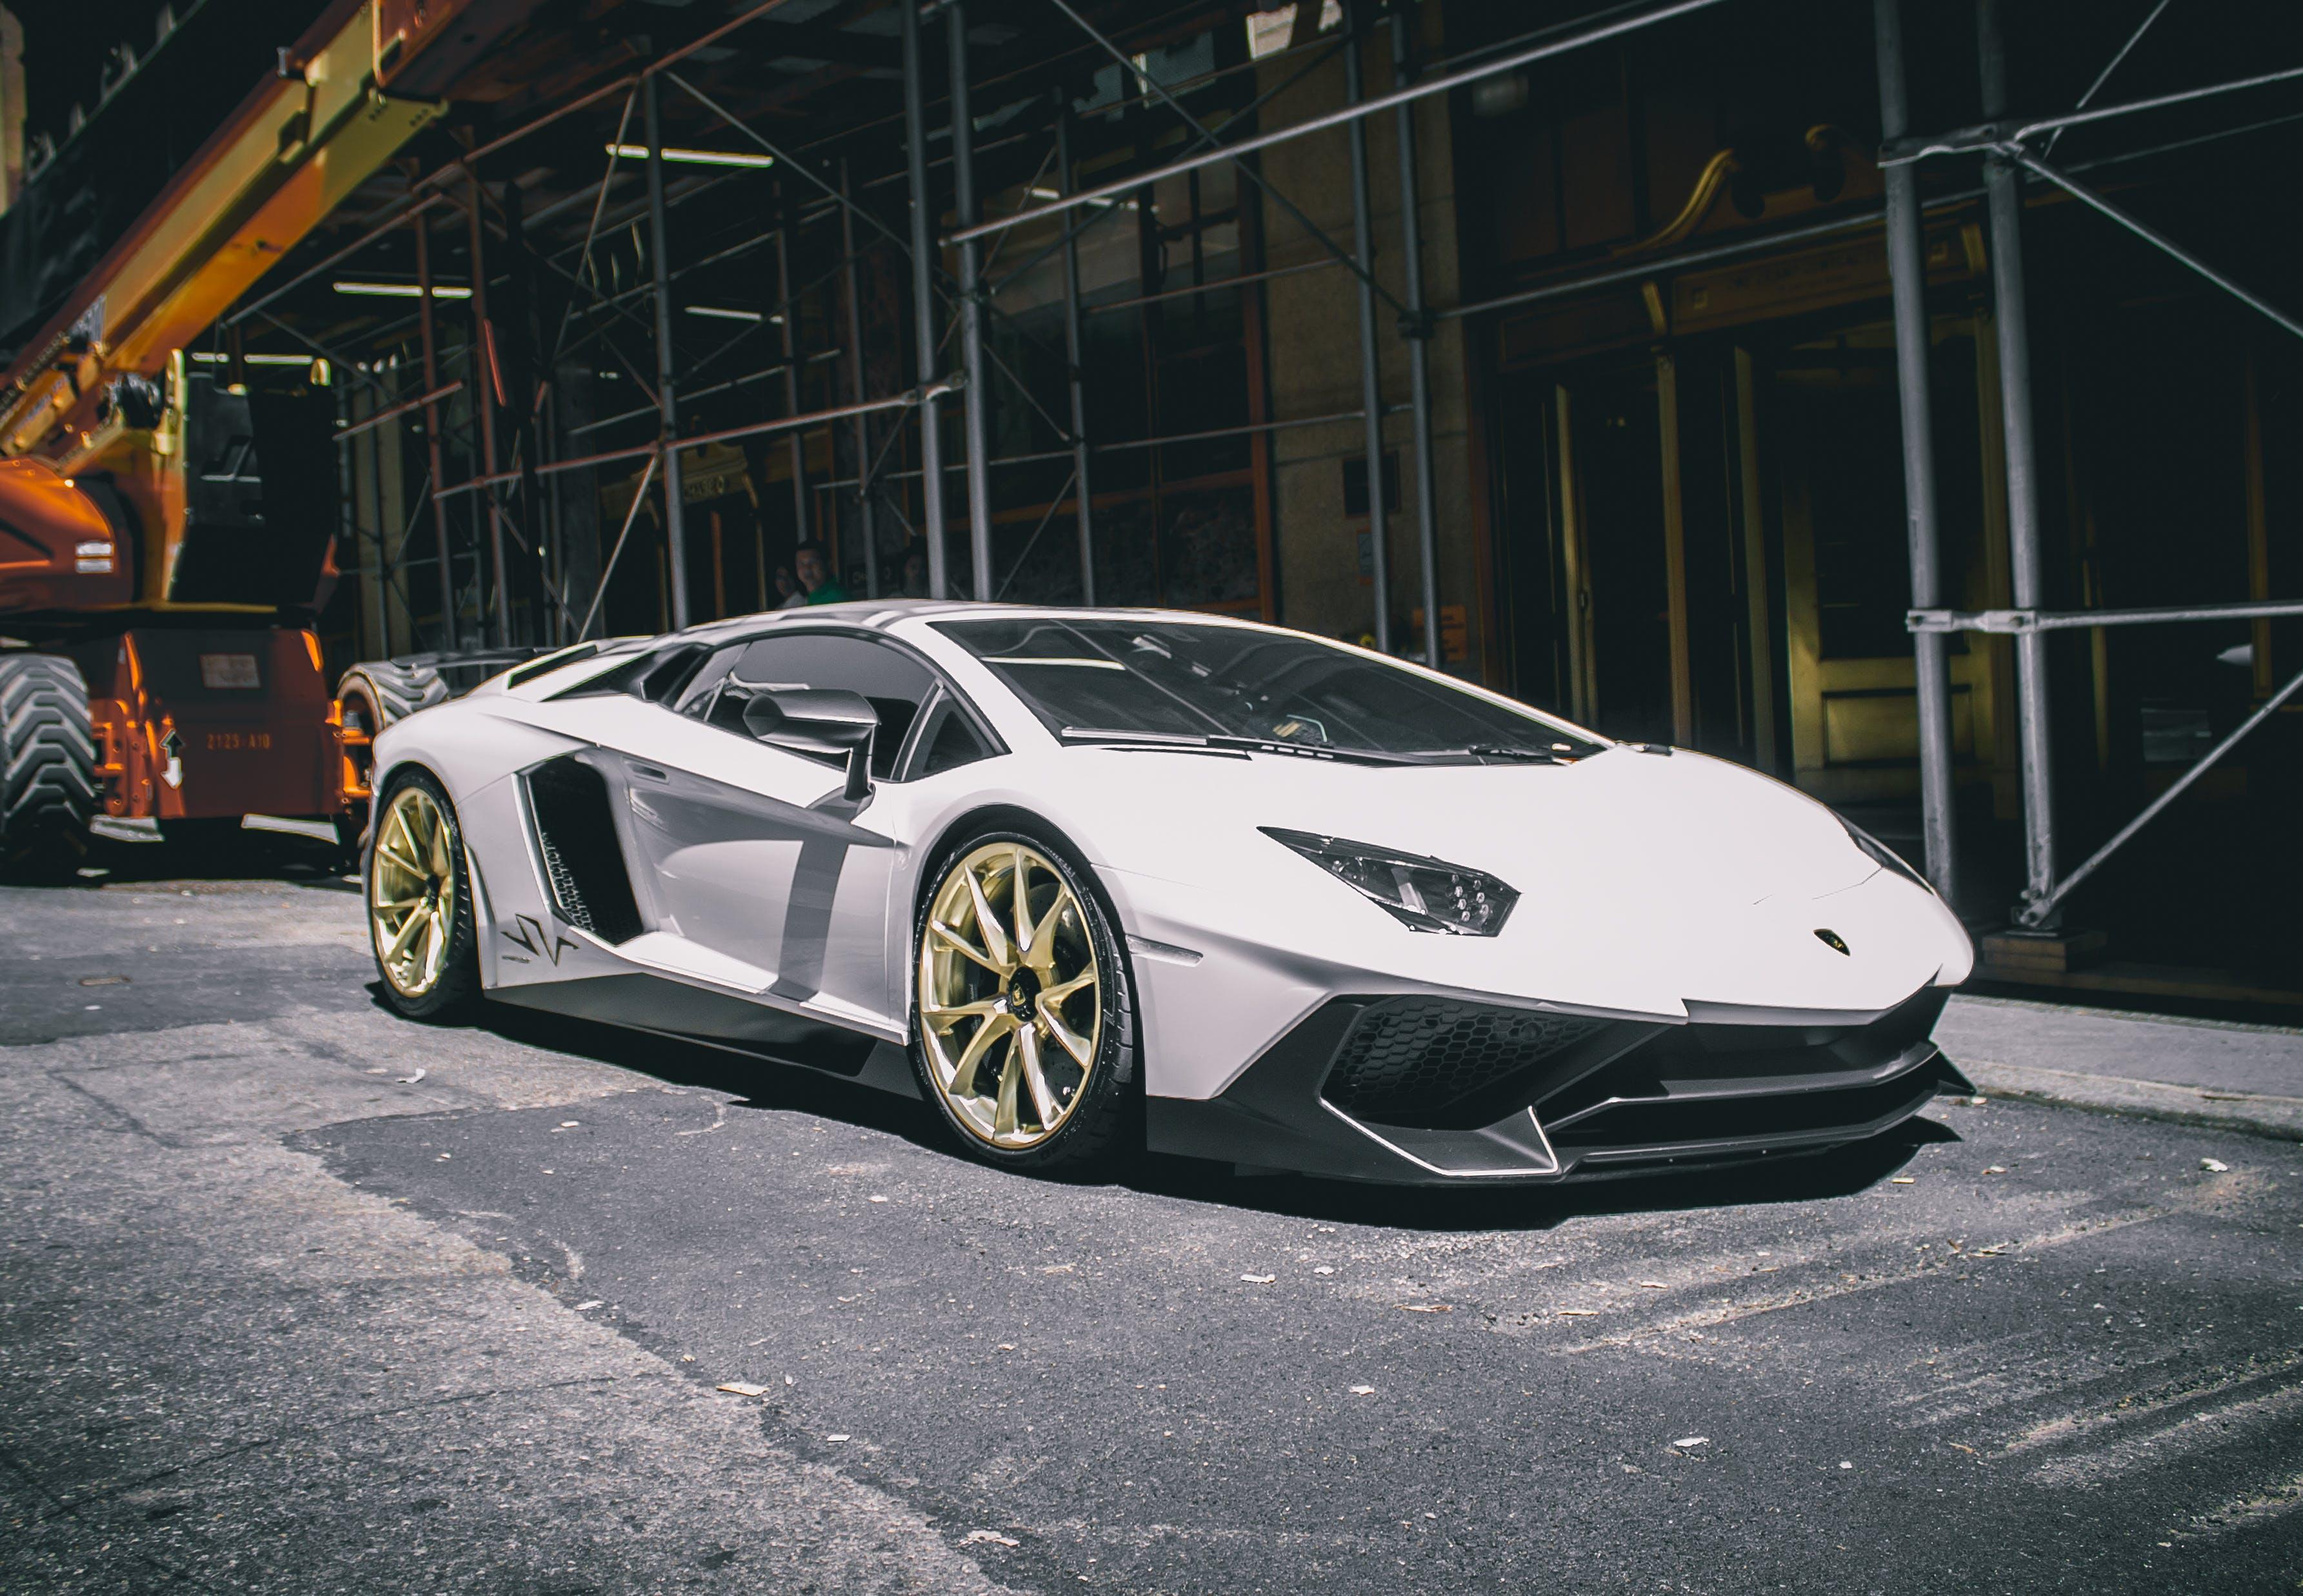 Δωρεάν στοκ φωτογραφιών με Ferrari, lambo, Lamborghini, supercar